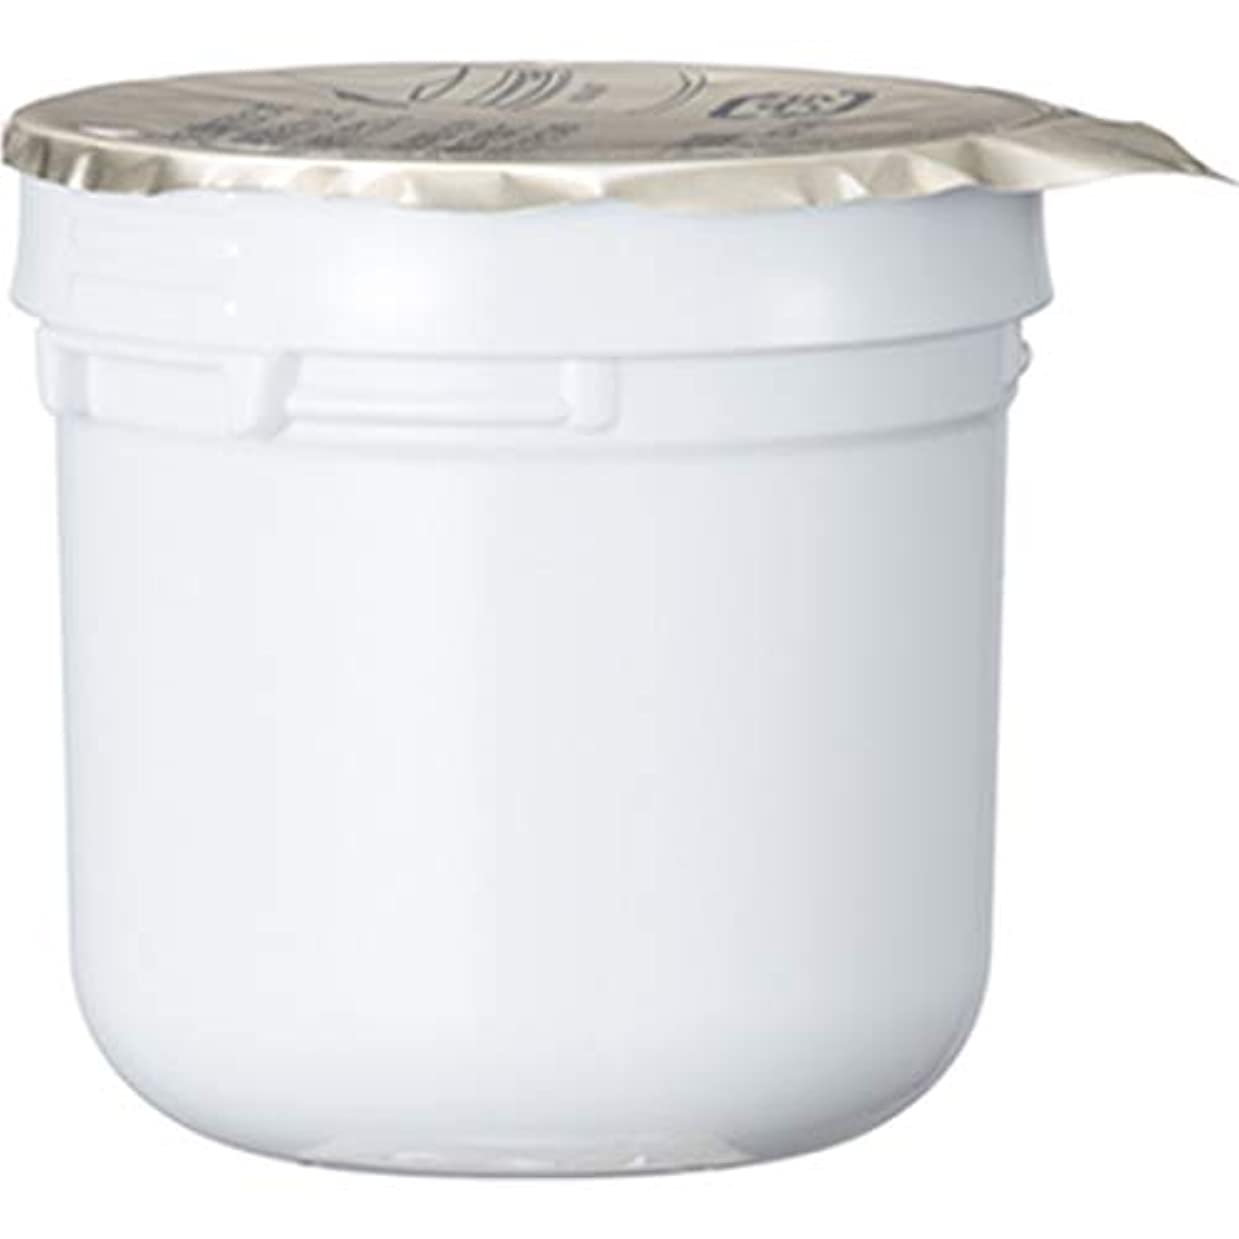 姉妹アプライアンス降伏ASTALIFT(アスタリフト) ホワイト クリーム(美白クリーム)レフィル 30g [並行輸入品]